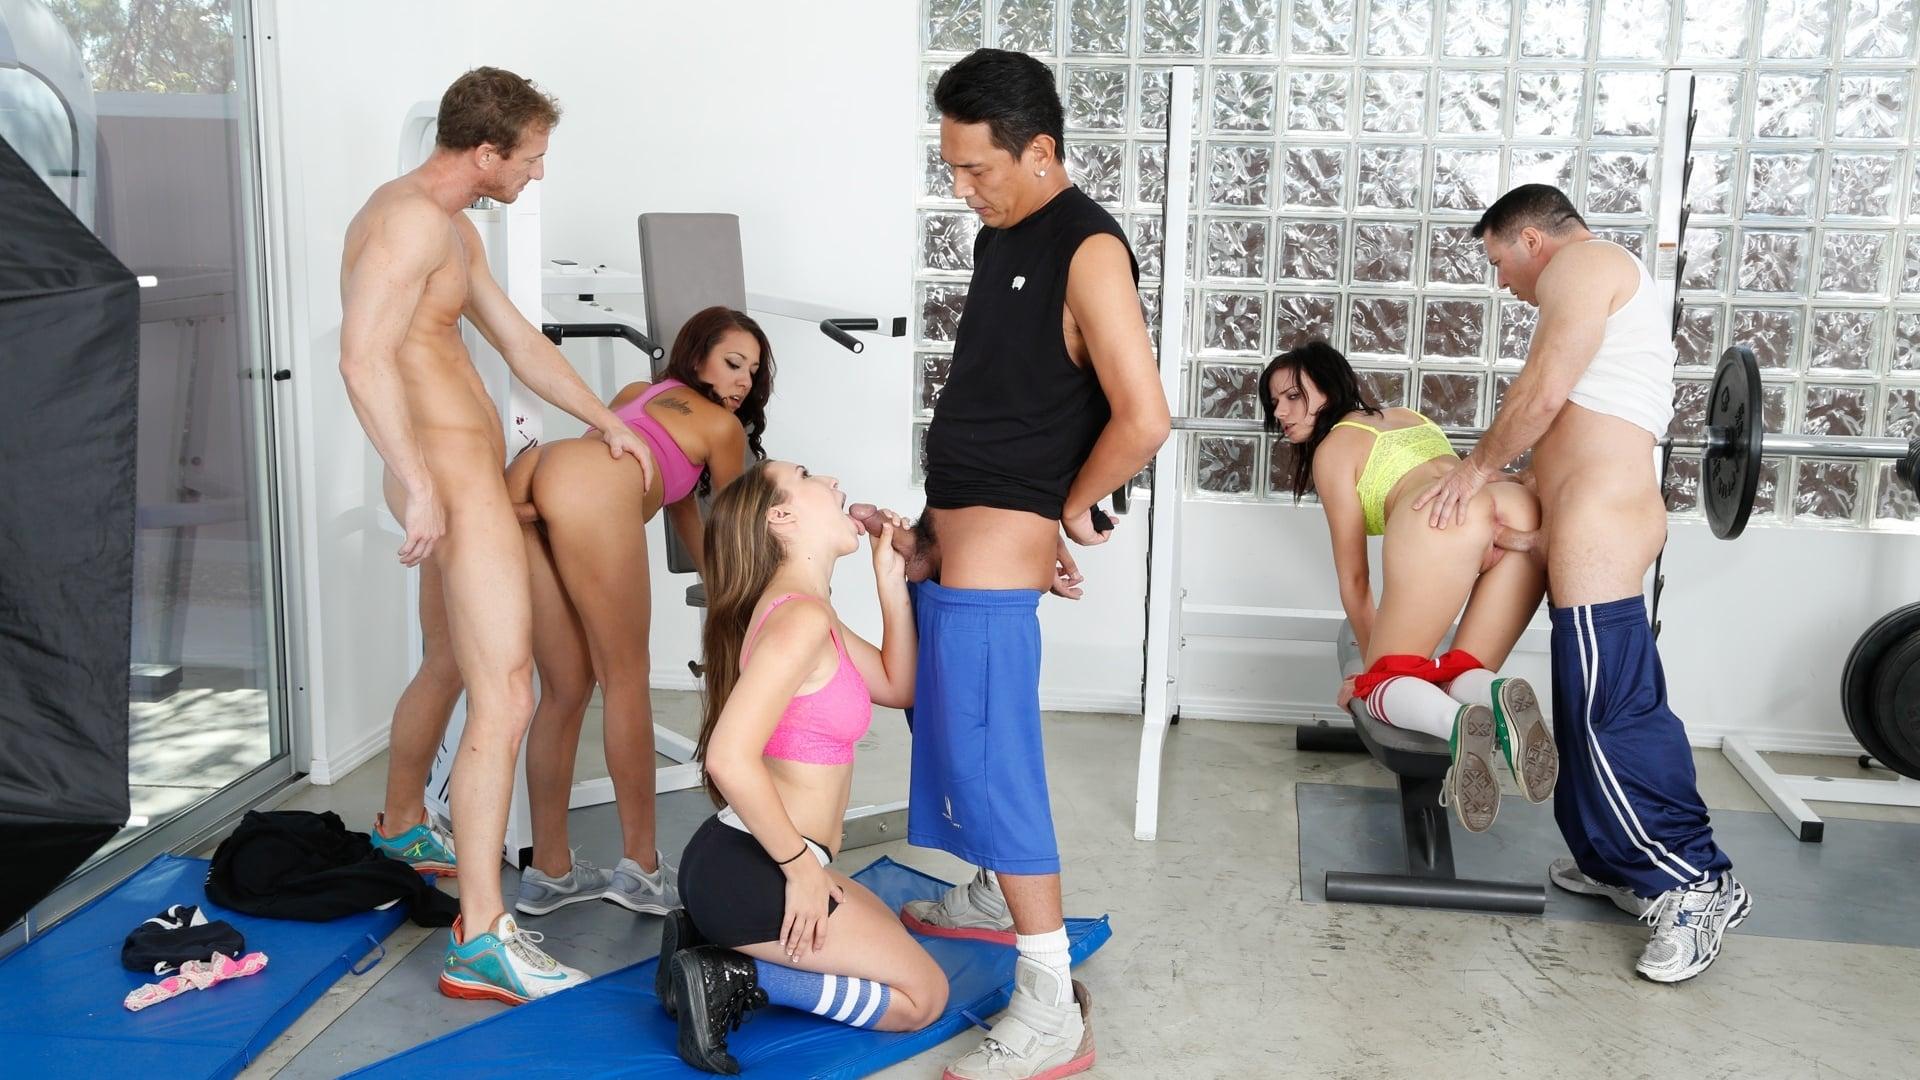 шевелил каштановые групповой трах в фитнес клубе такими дегенератами, как